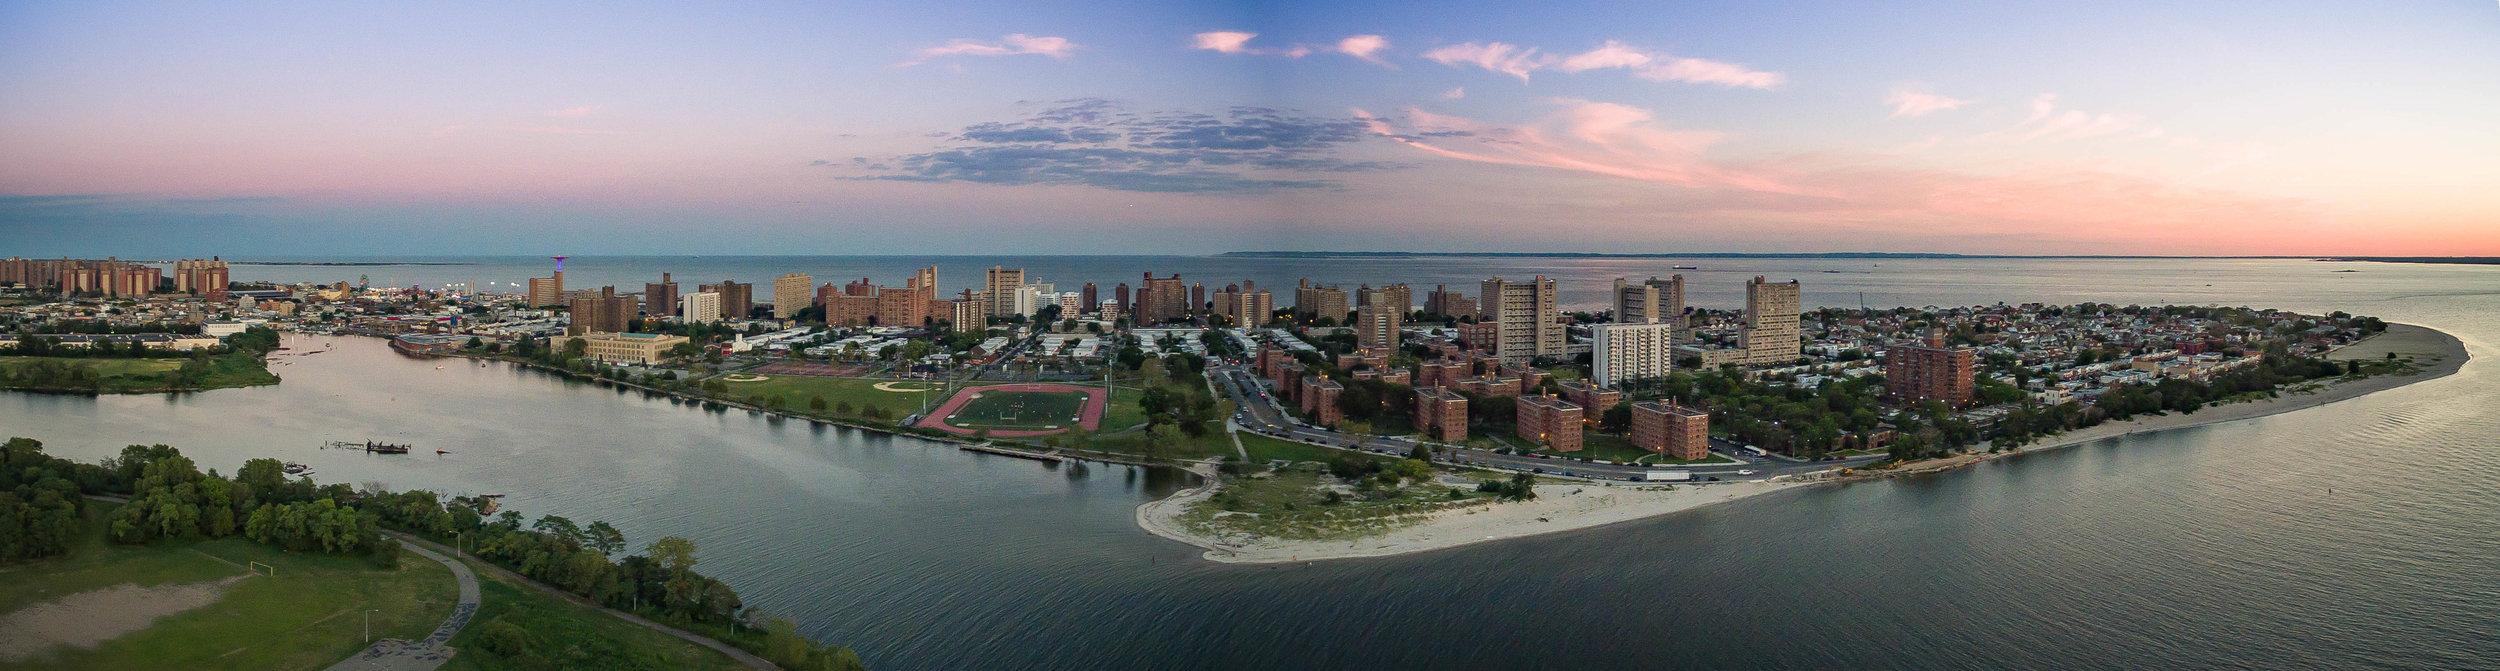 Coney Island Panorama 11.1.5.jpg